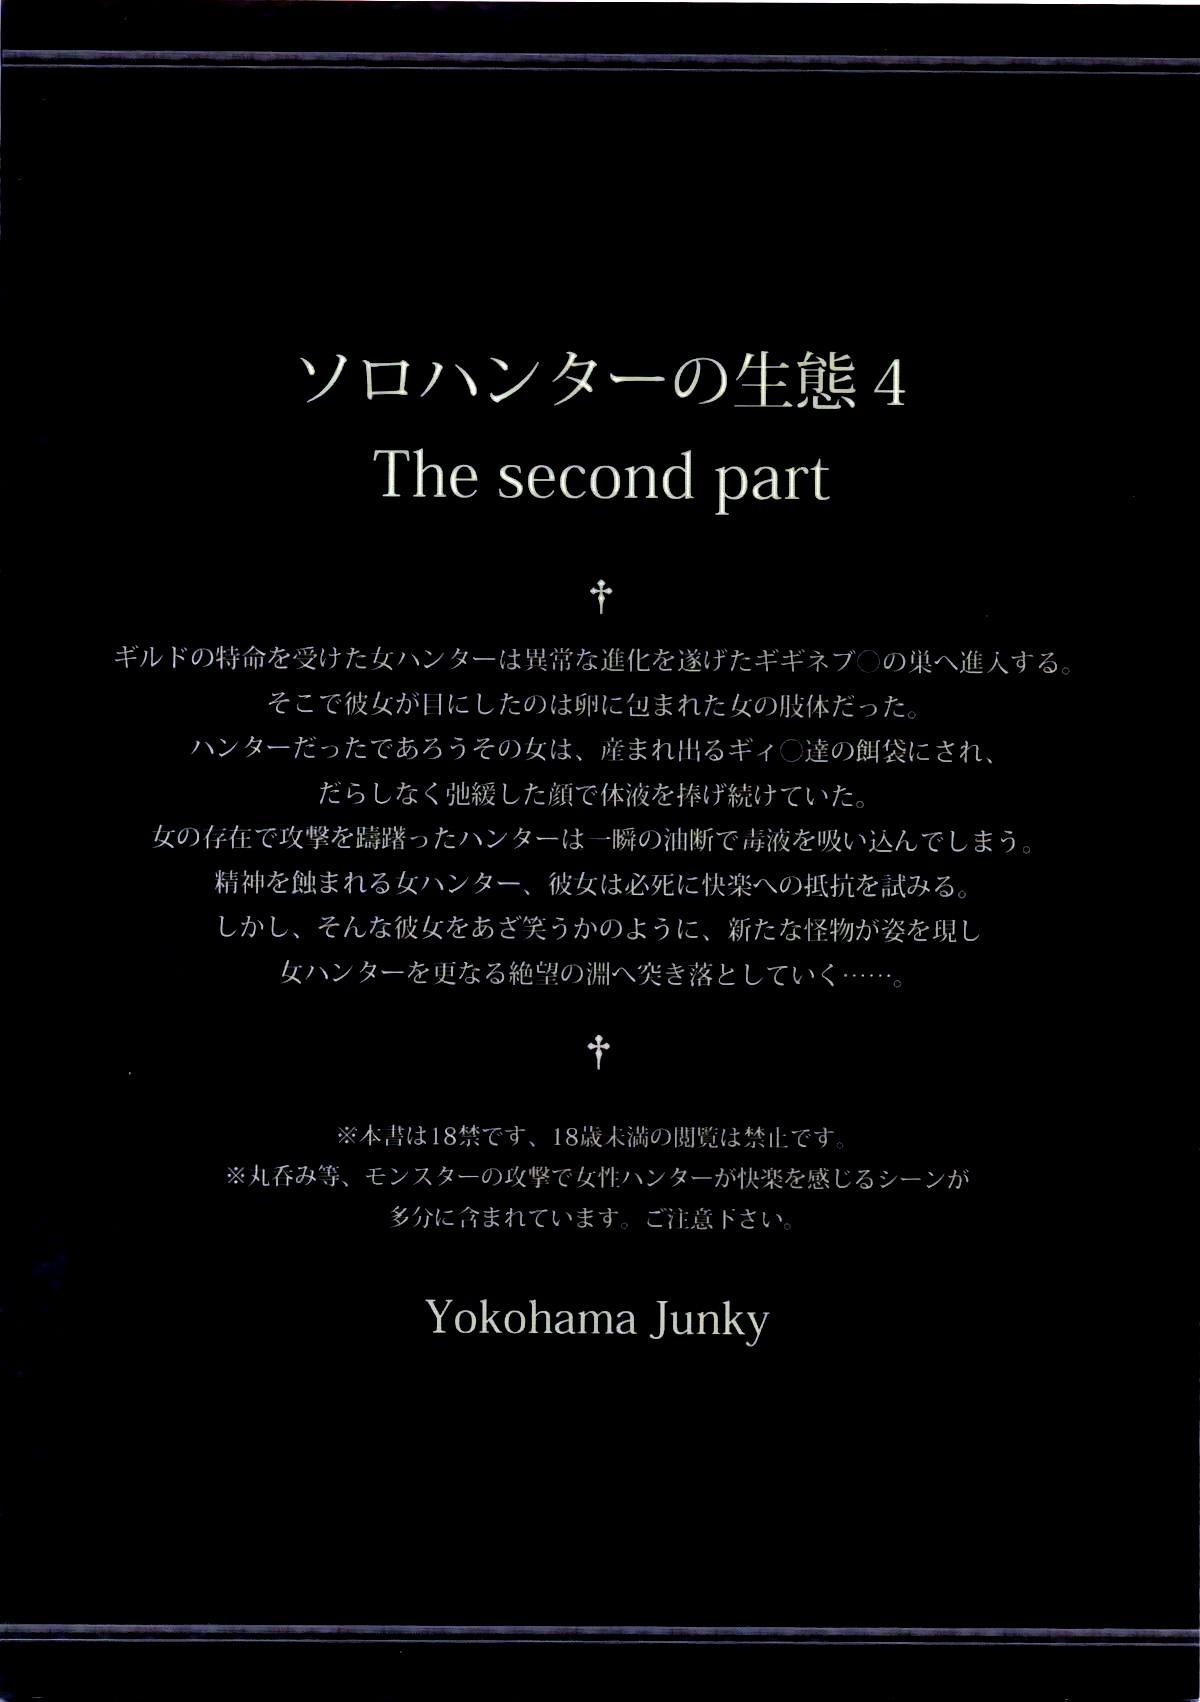 Solo Hunter no Seitai 4 The second part 55